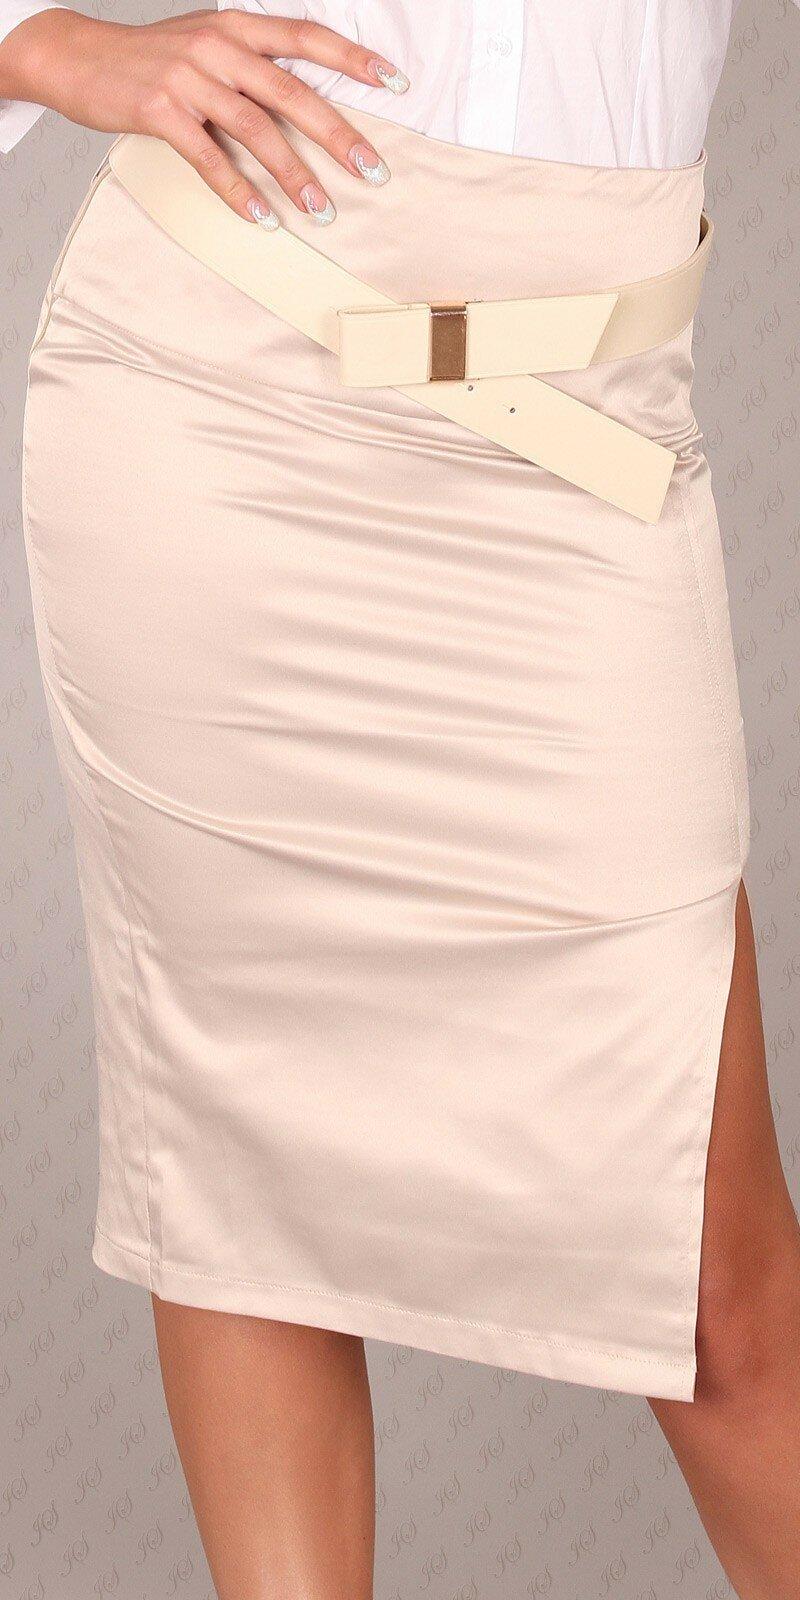 Dámska Štýlová sukňa s opaskom #Veľkosť 40 (L) Farba Béžová